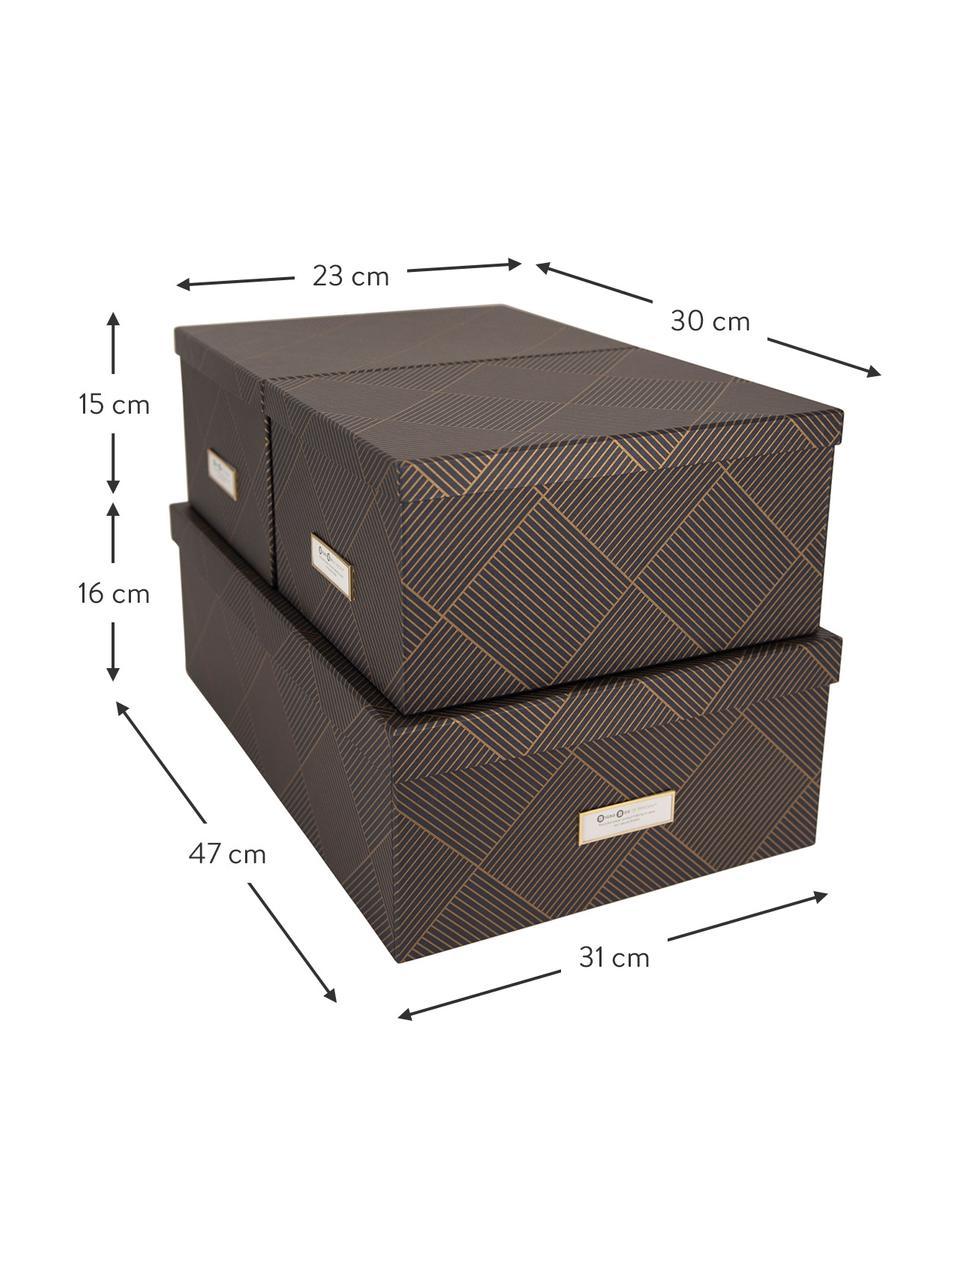 Aufbewahrungsboxen-Set Inge, 3-tlg., Box: Fester, laminierter Karto, Goldfarben, Dunkelgrau, Sondergrößen